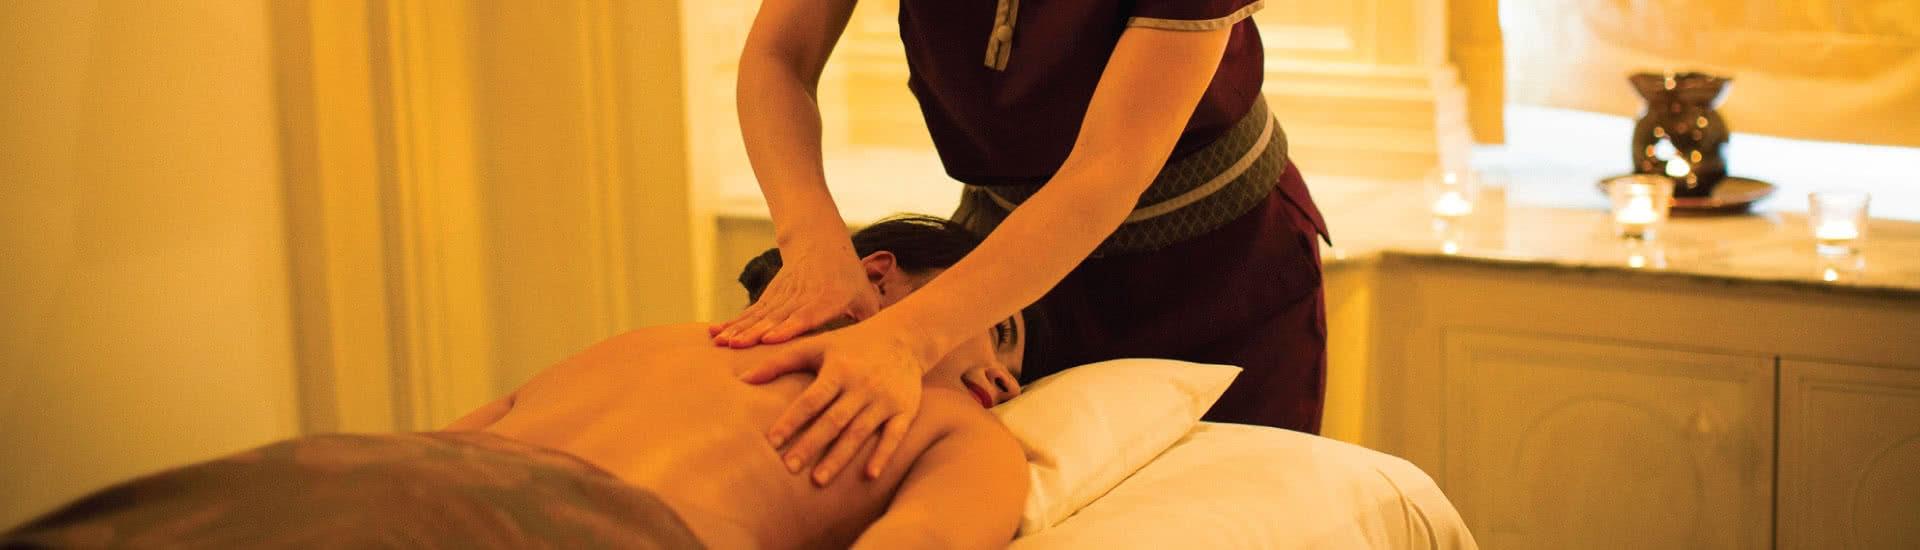 latvia erotic massage eskorte trøndelag